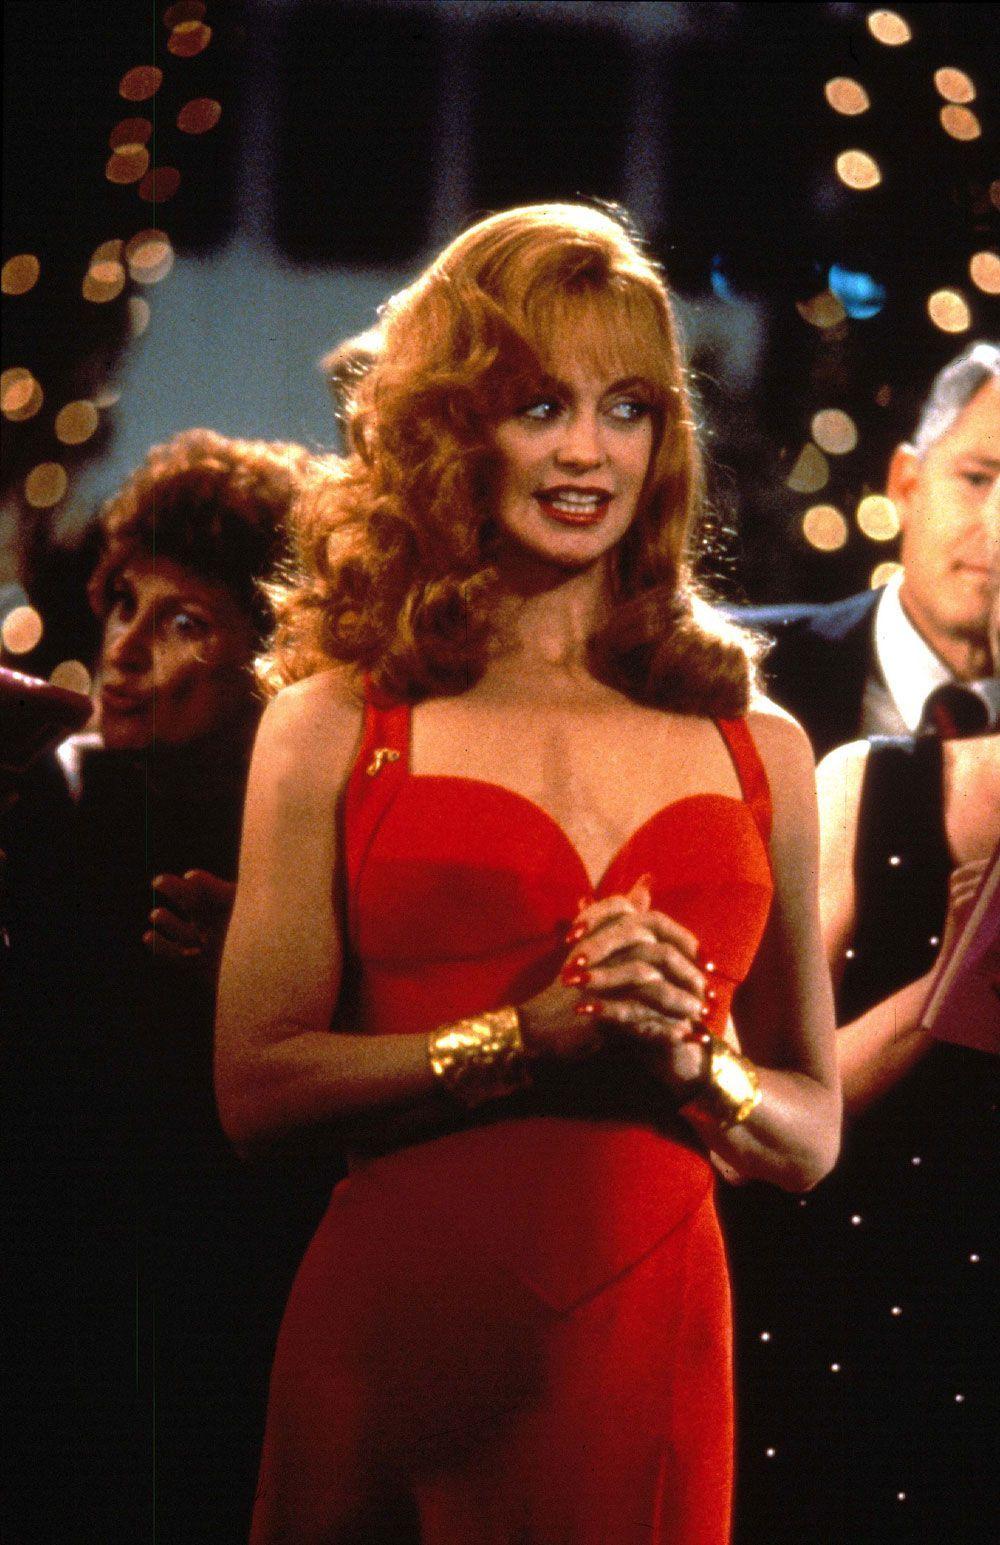 Actrices Hermosas, Mujeres Bellas, Señoras De Época, Maid In Manhattan, Vestidos De Fiesta, Disfraces, Vestido Rojo, Mujer